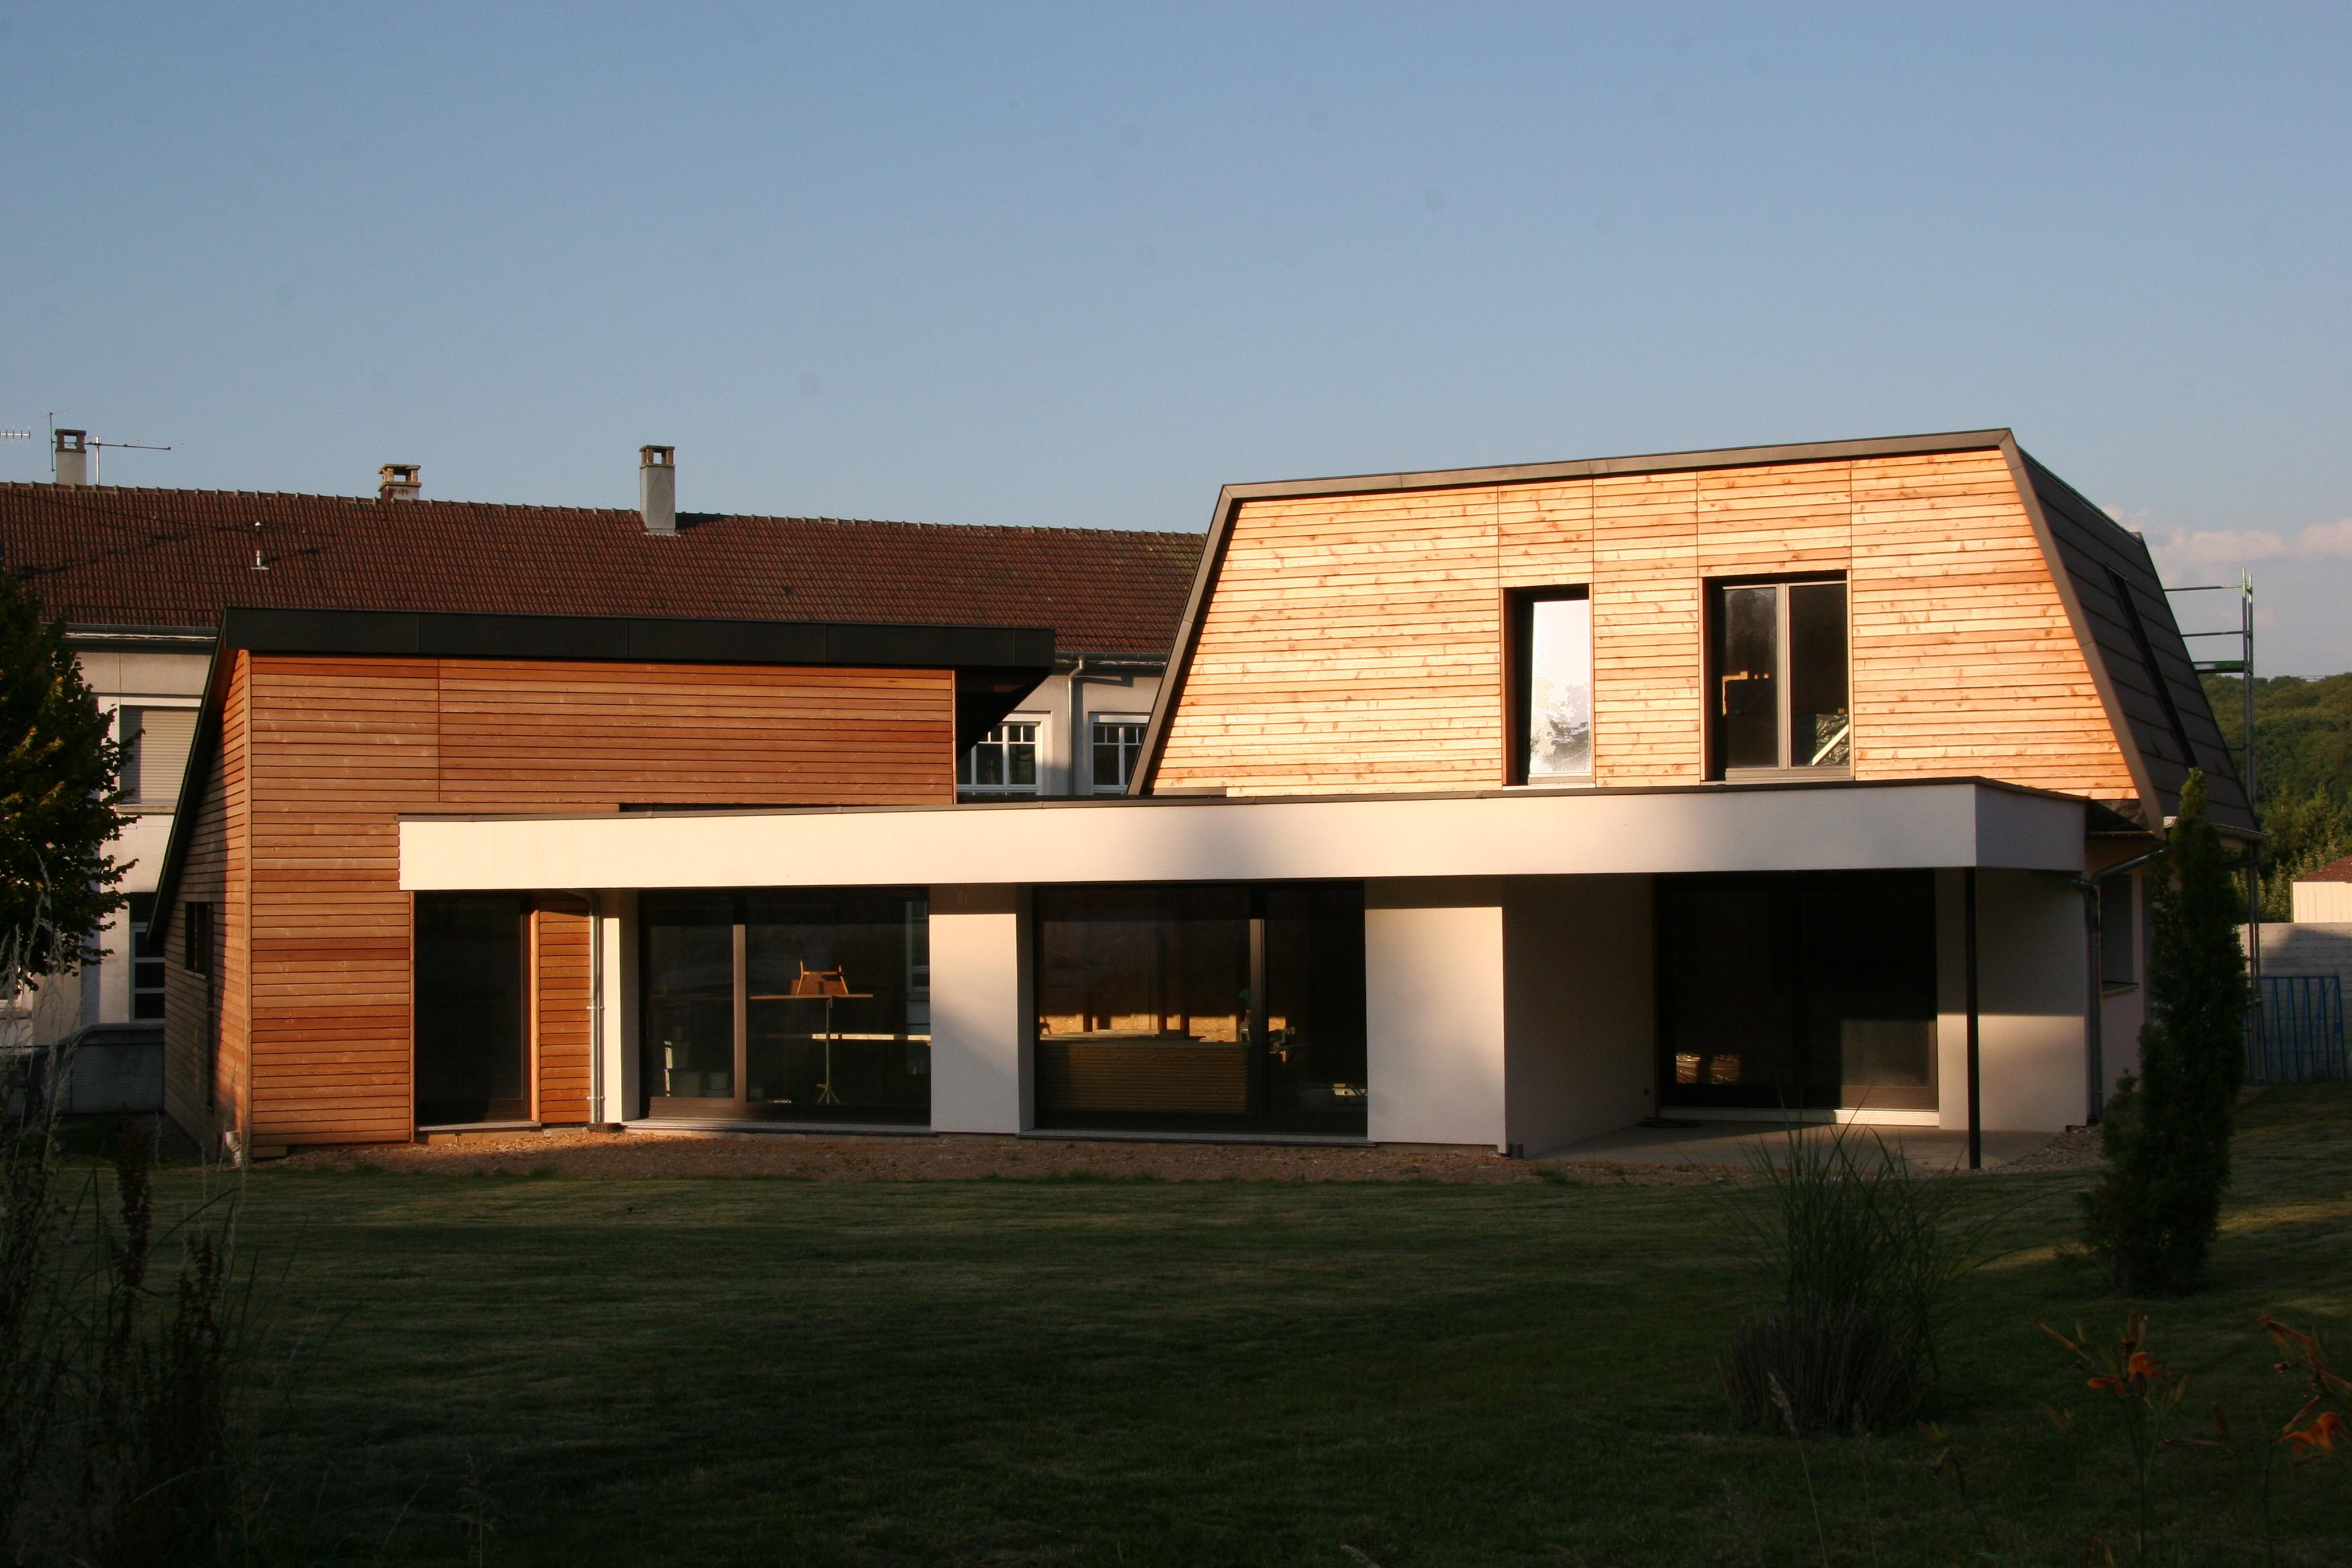 maison en ossature bois en autoconstruction abt bois. Black Bedroom Furniture Sets. Home Design Ideas